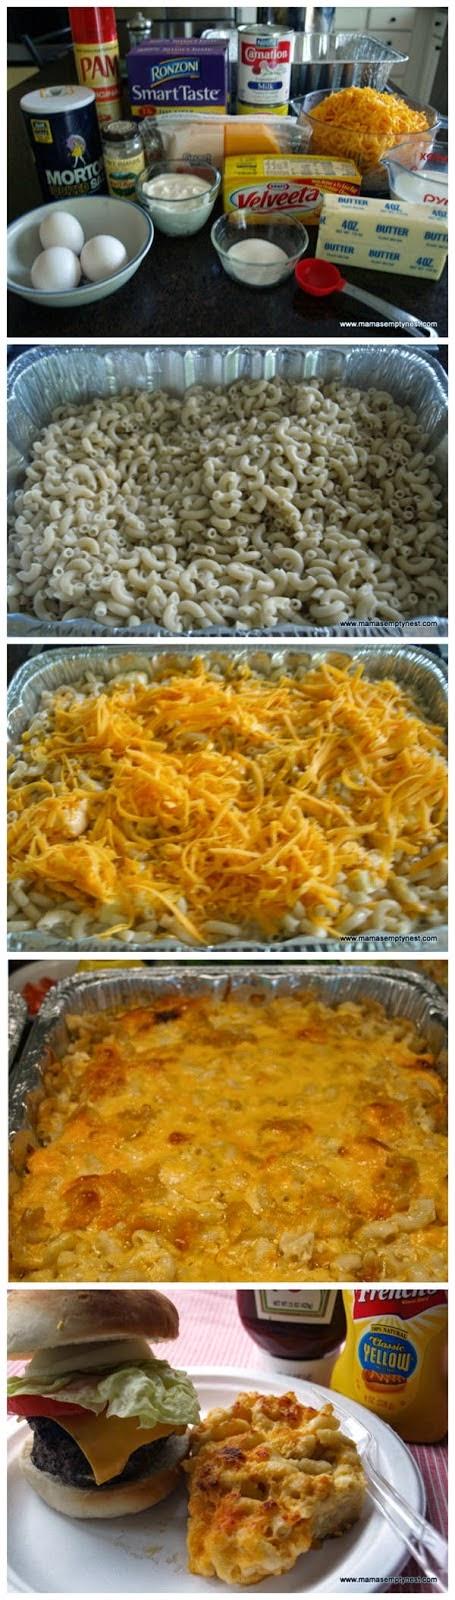 Sweetie Pie S Macaroni Food Recipes Pinterest